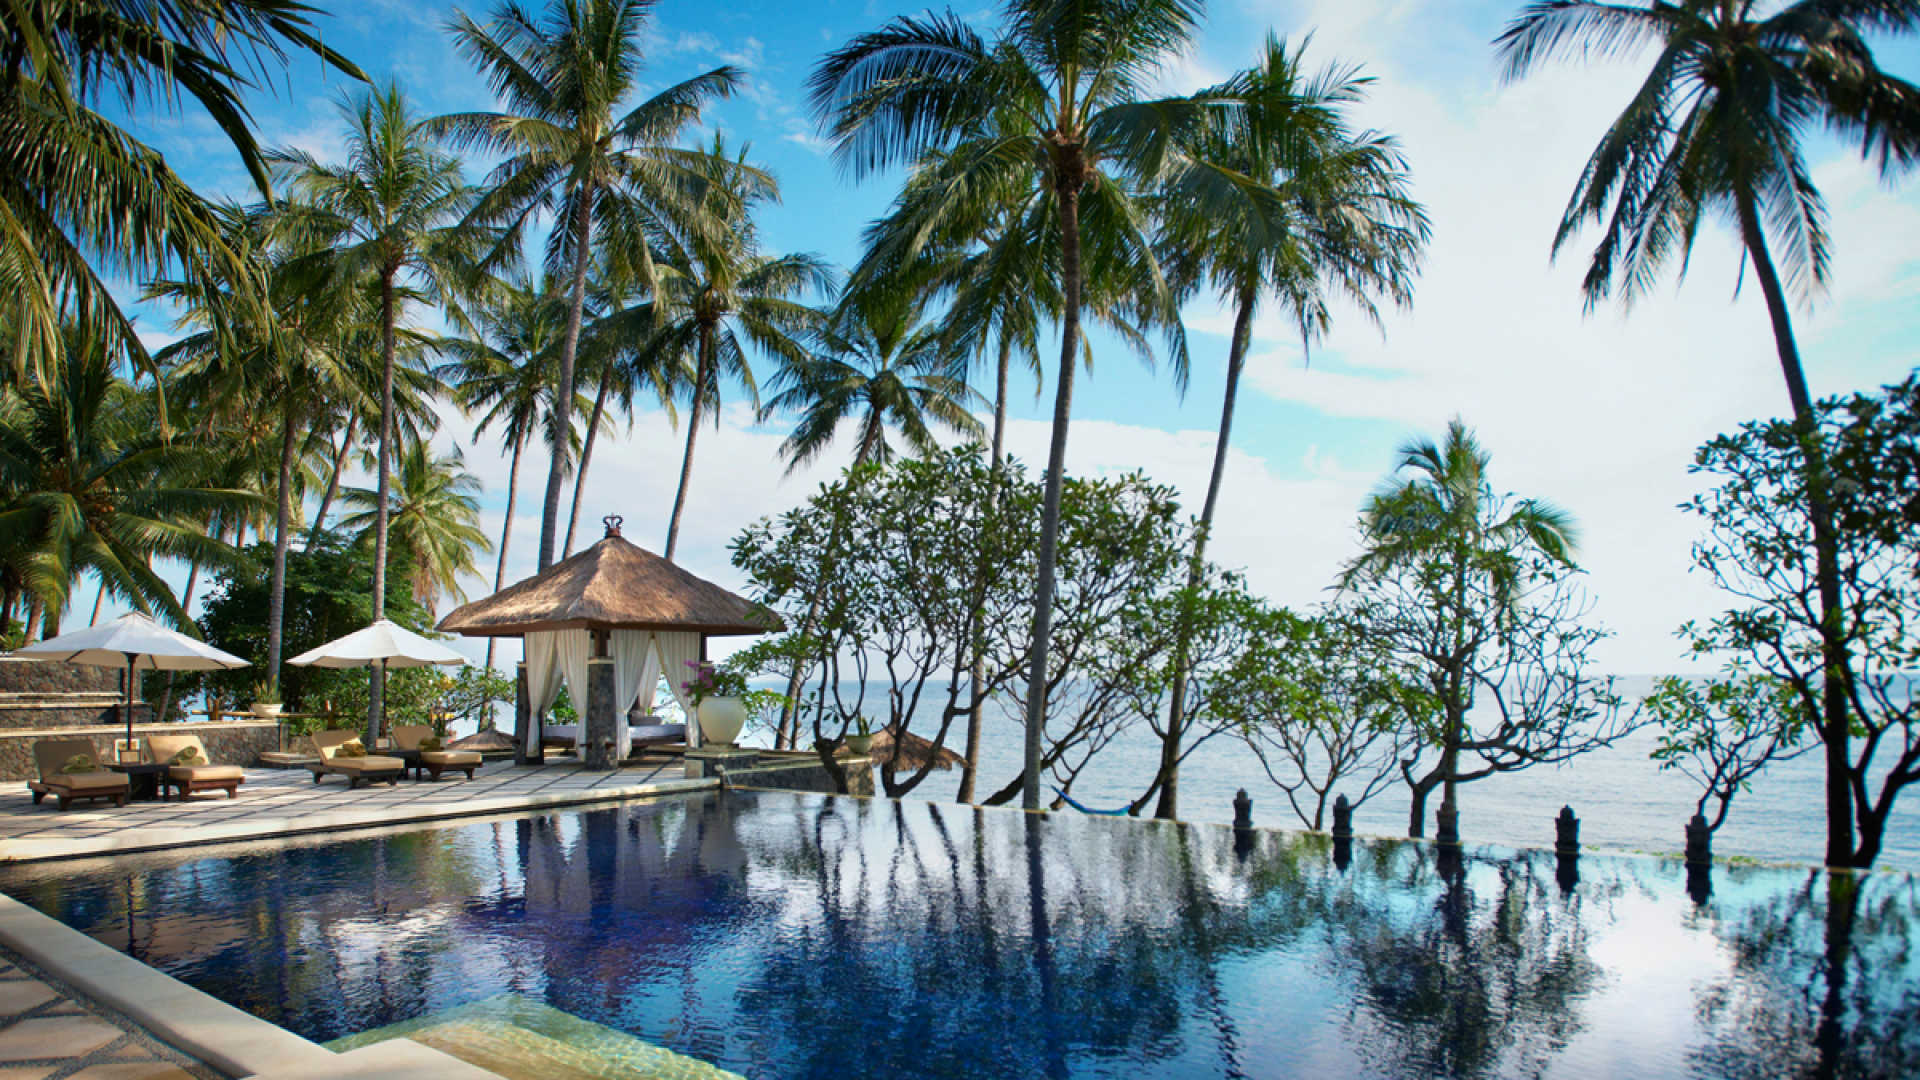 Un Australien âgé de 12 ans s'enfuit à Bali grâce à la carte de crédit de ses parents